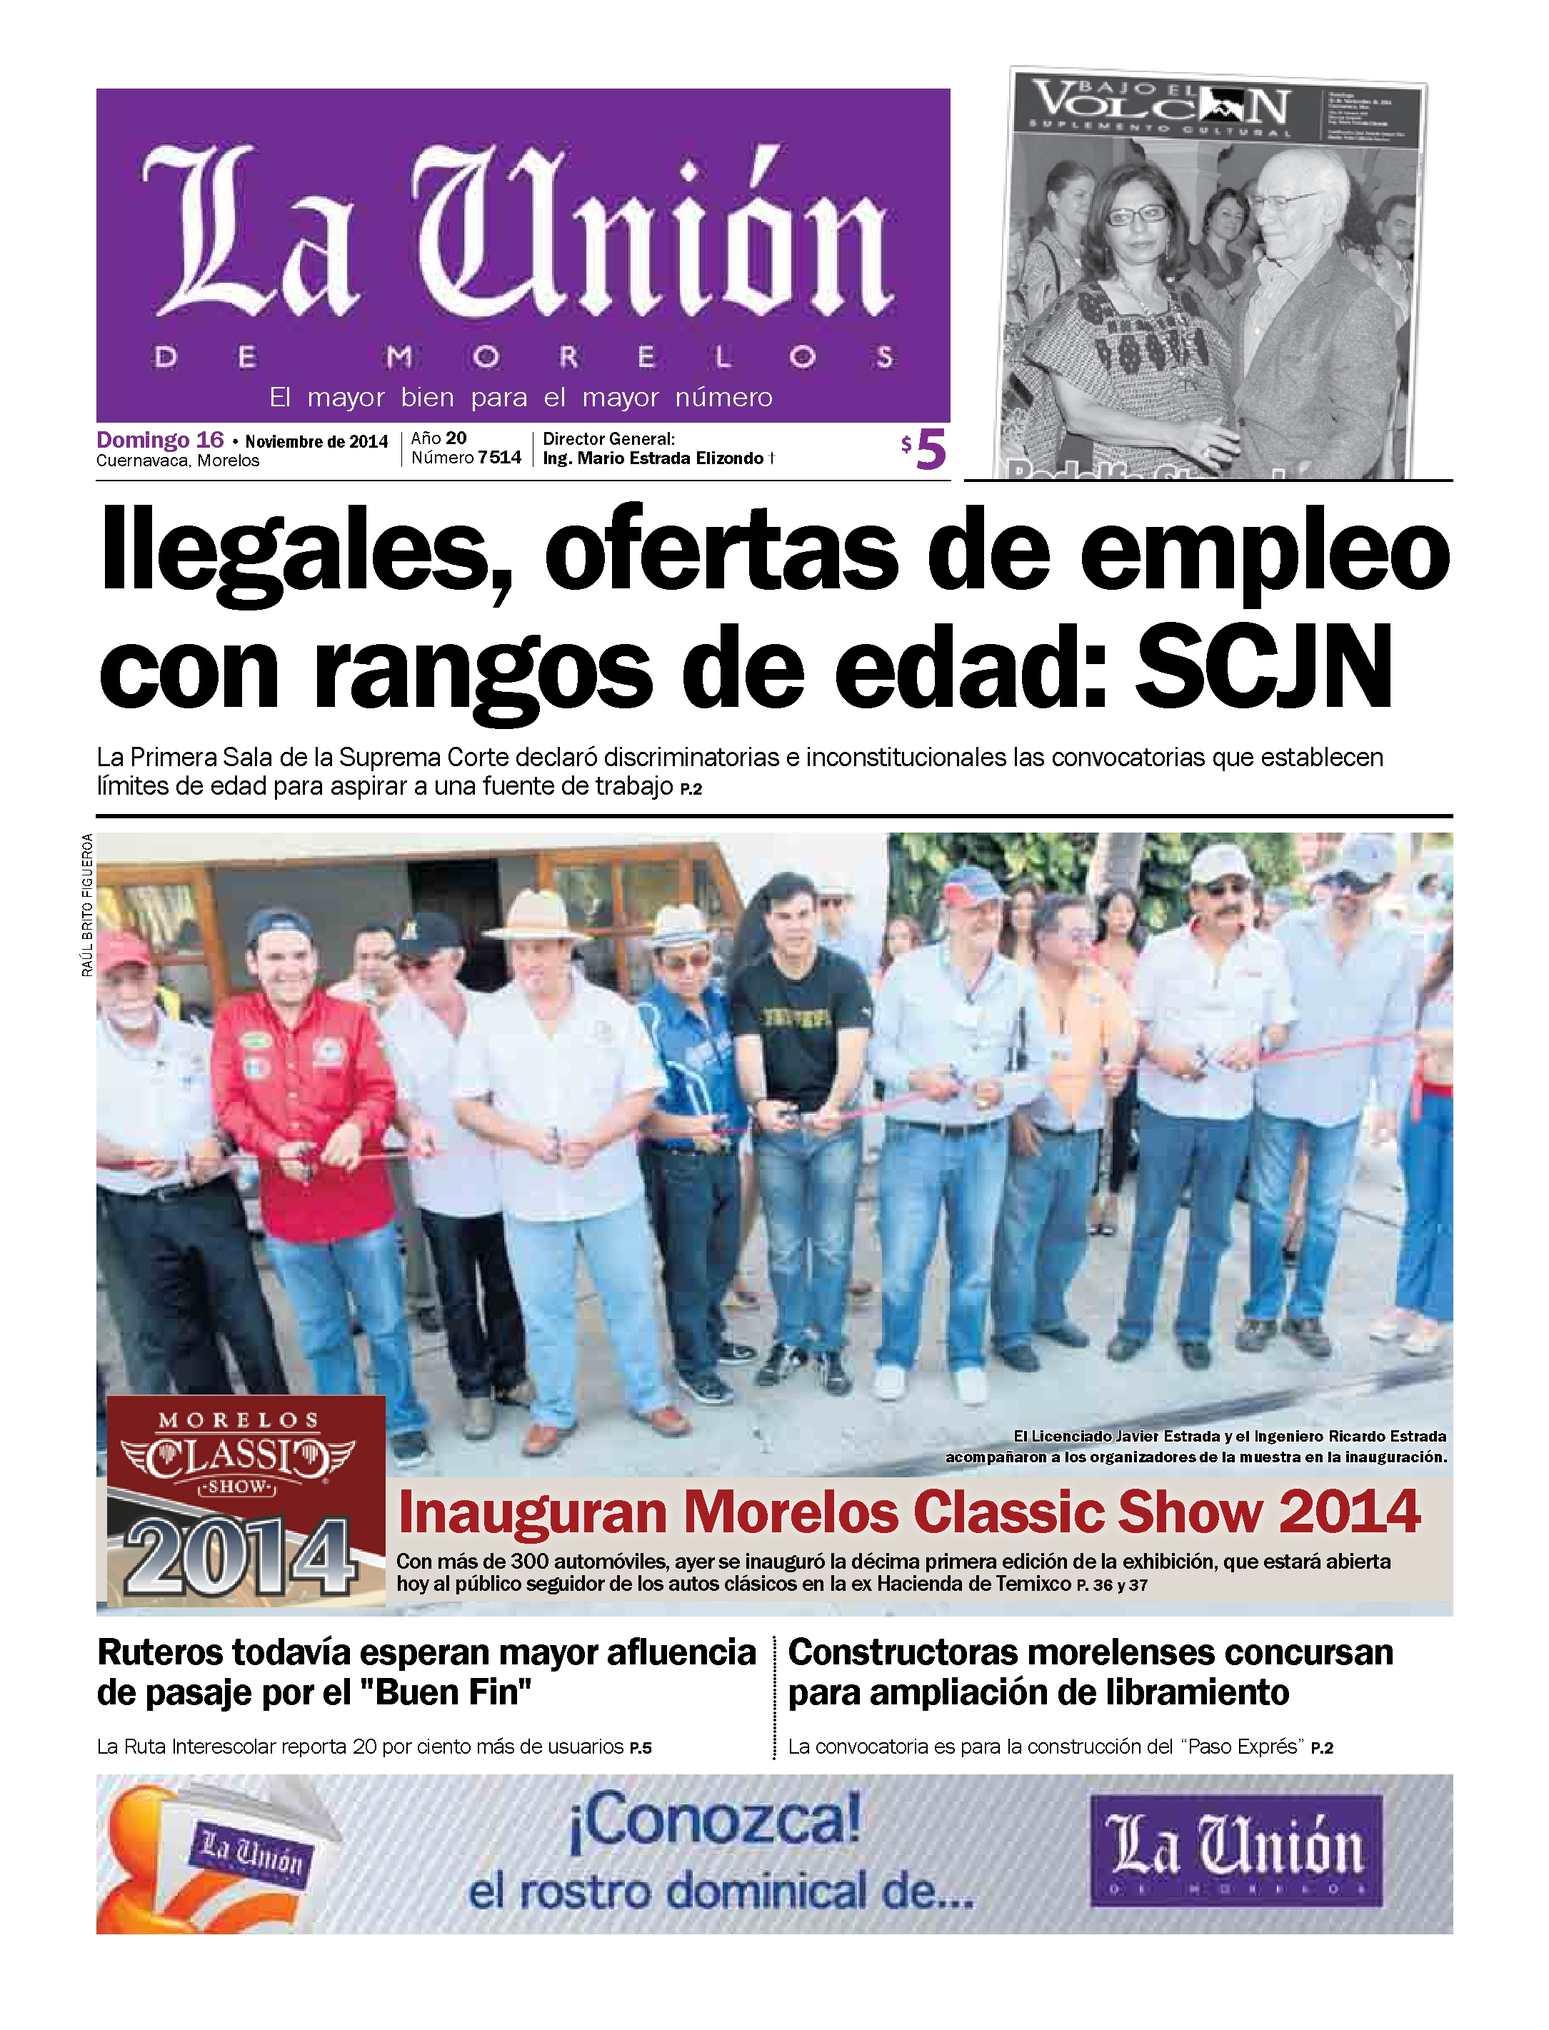 La Unión de Morelos 16 Noviembre 2014